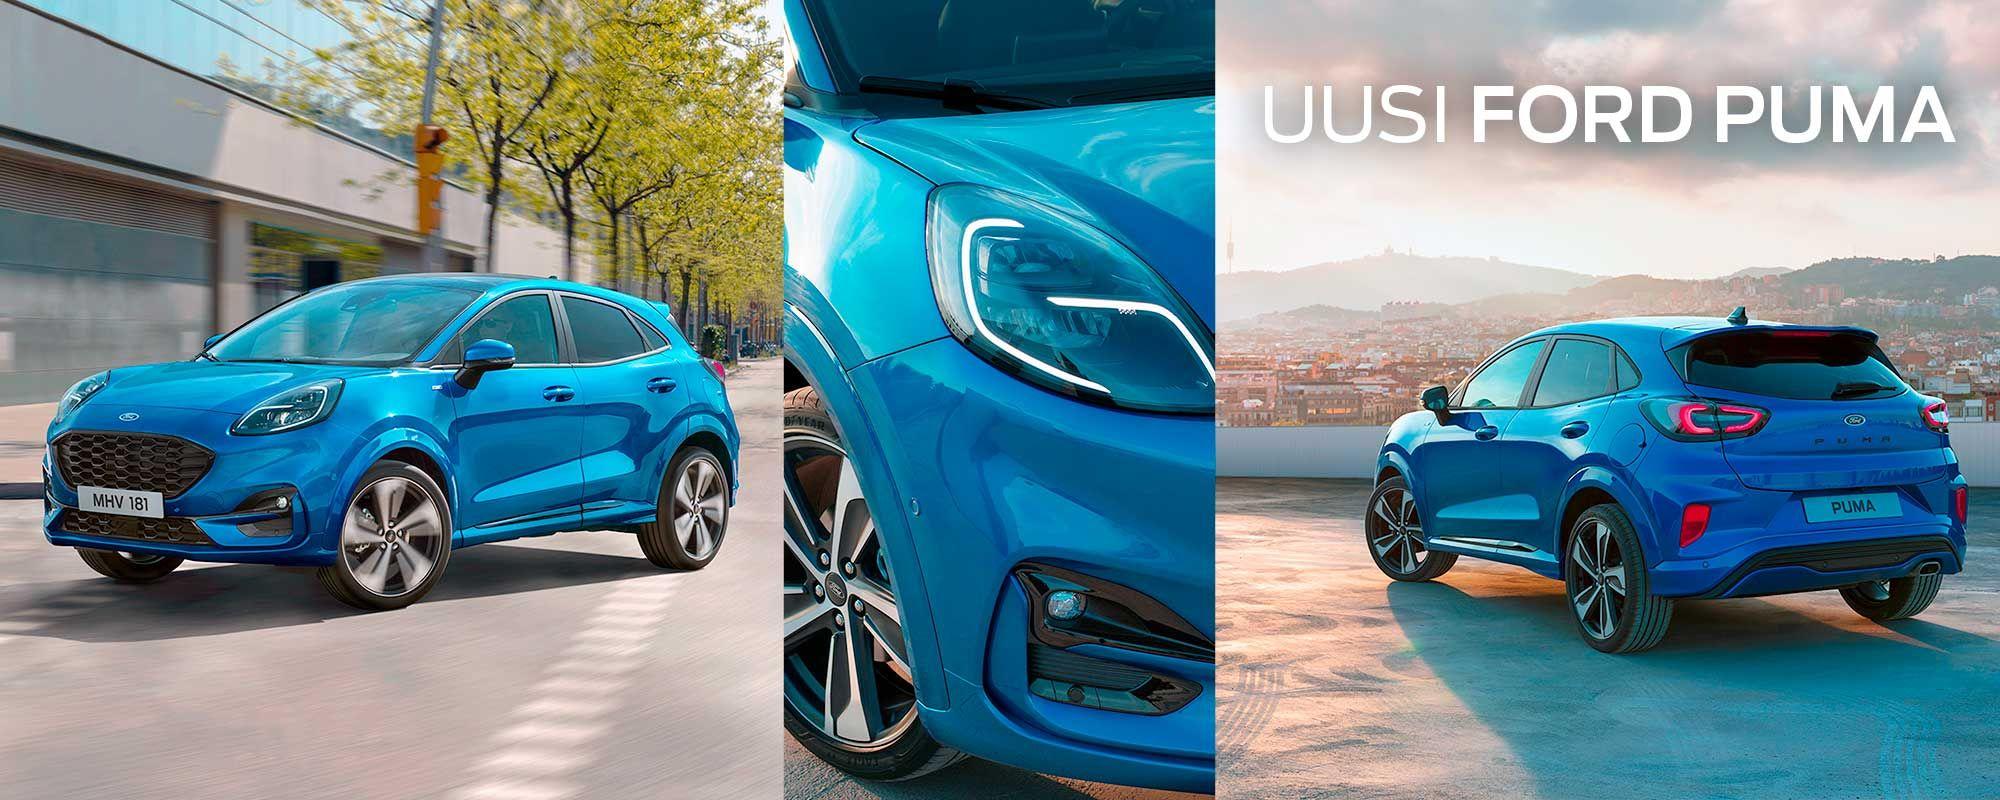 Uusi Ford Puma koeaja meillä | Loimaan Laatuauto Oy